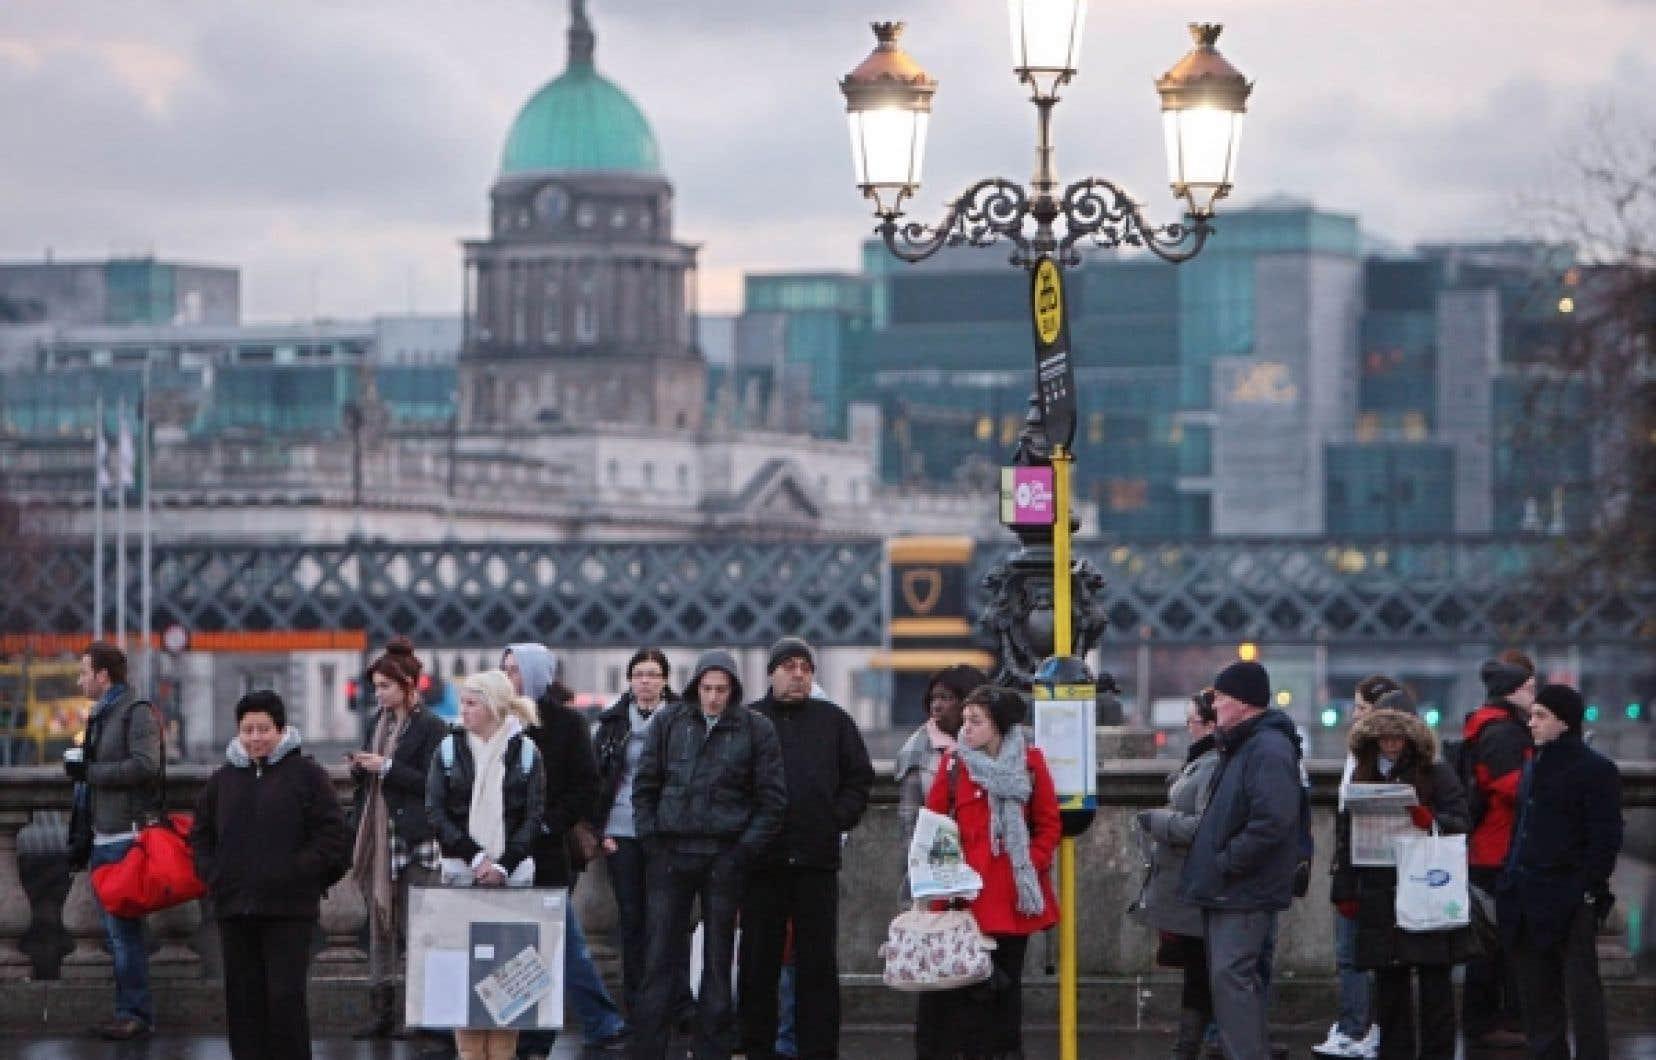 Des Irlandais attendent l'autobus dans une rue de Dublin. Des milliers d'entre eux devraient manifester aujourd'hui leur opposition au plan de rigueur, préalable au secours de la Banque centrale européenne et du Fonds monétaire international.<br />